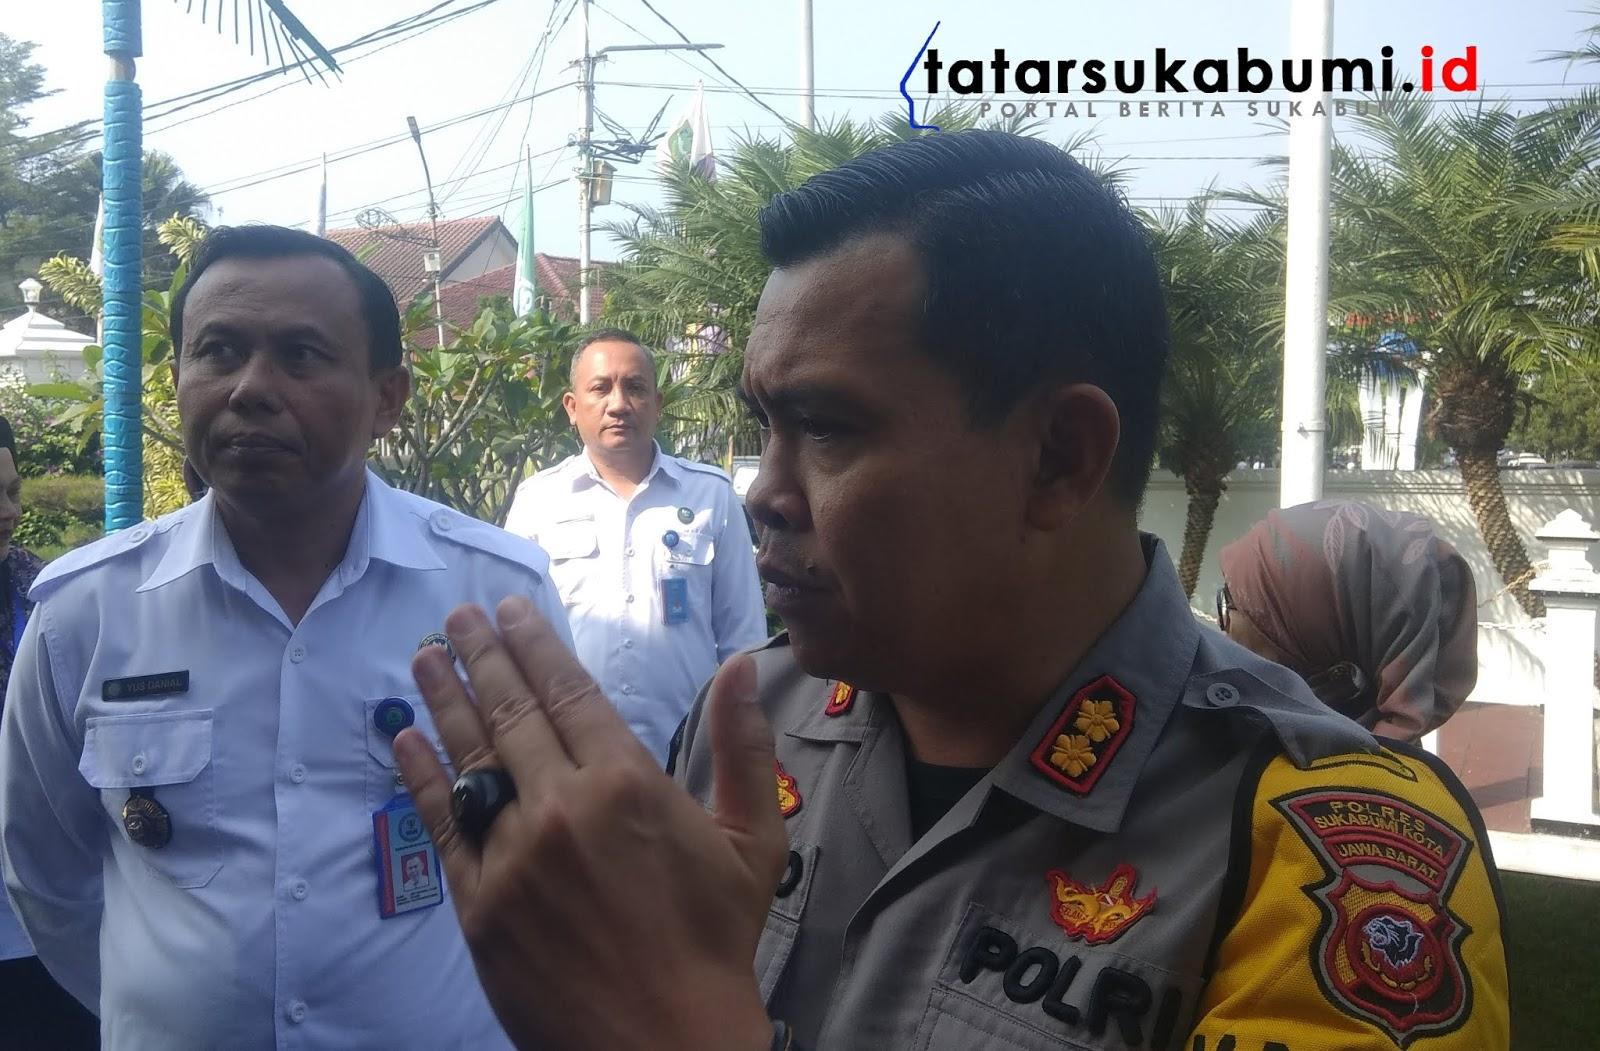 BNNK Sukabumi Sebut Angka Penyalahgunaan Narkoba Meningkat, Setiap Minggu Polresta Sukabumi Tangkap Pengedar